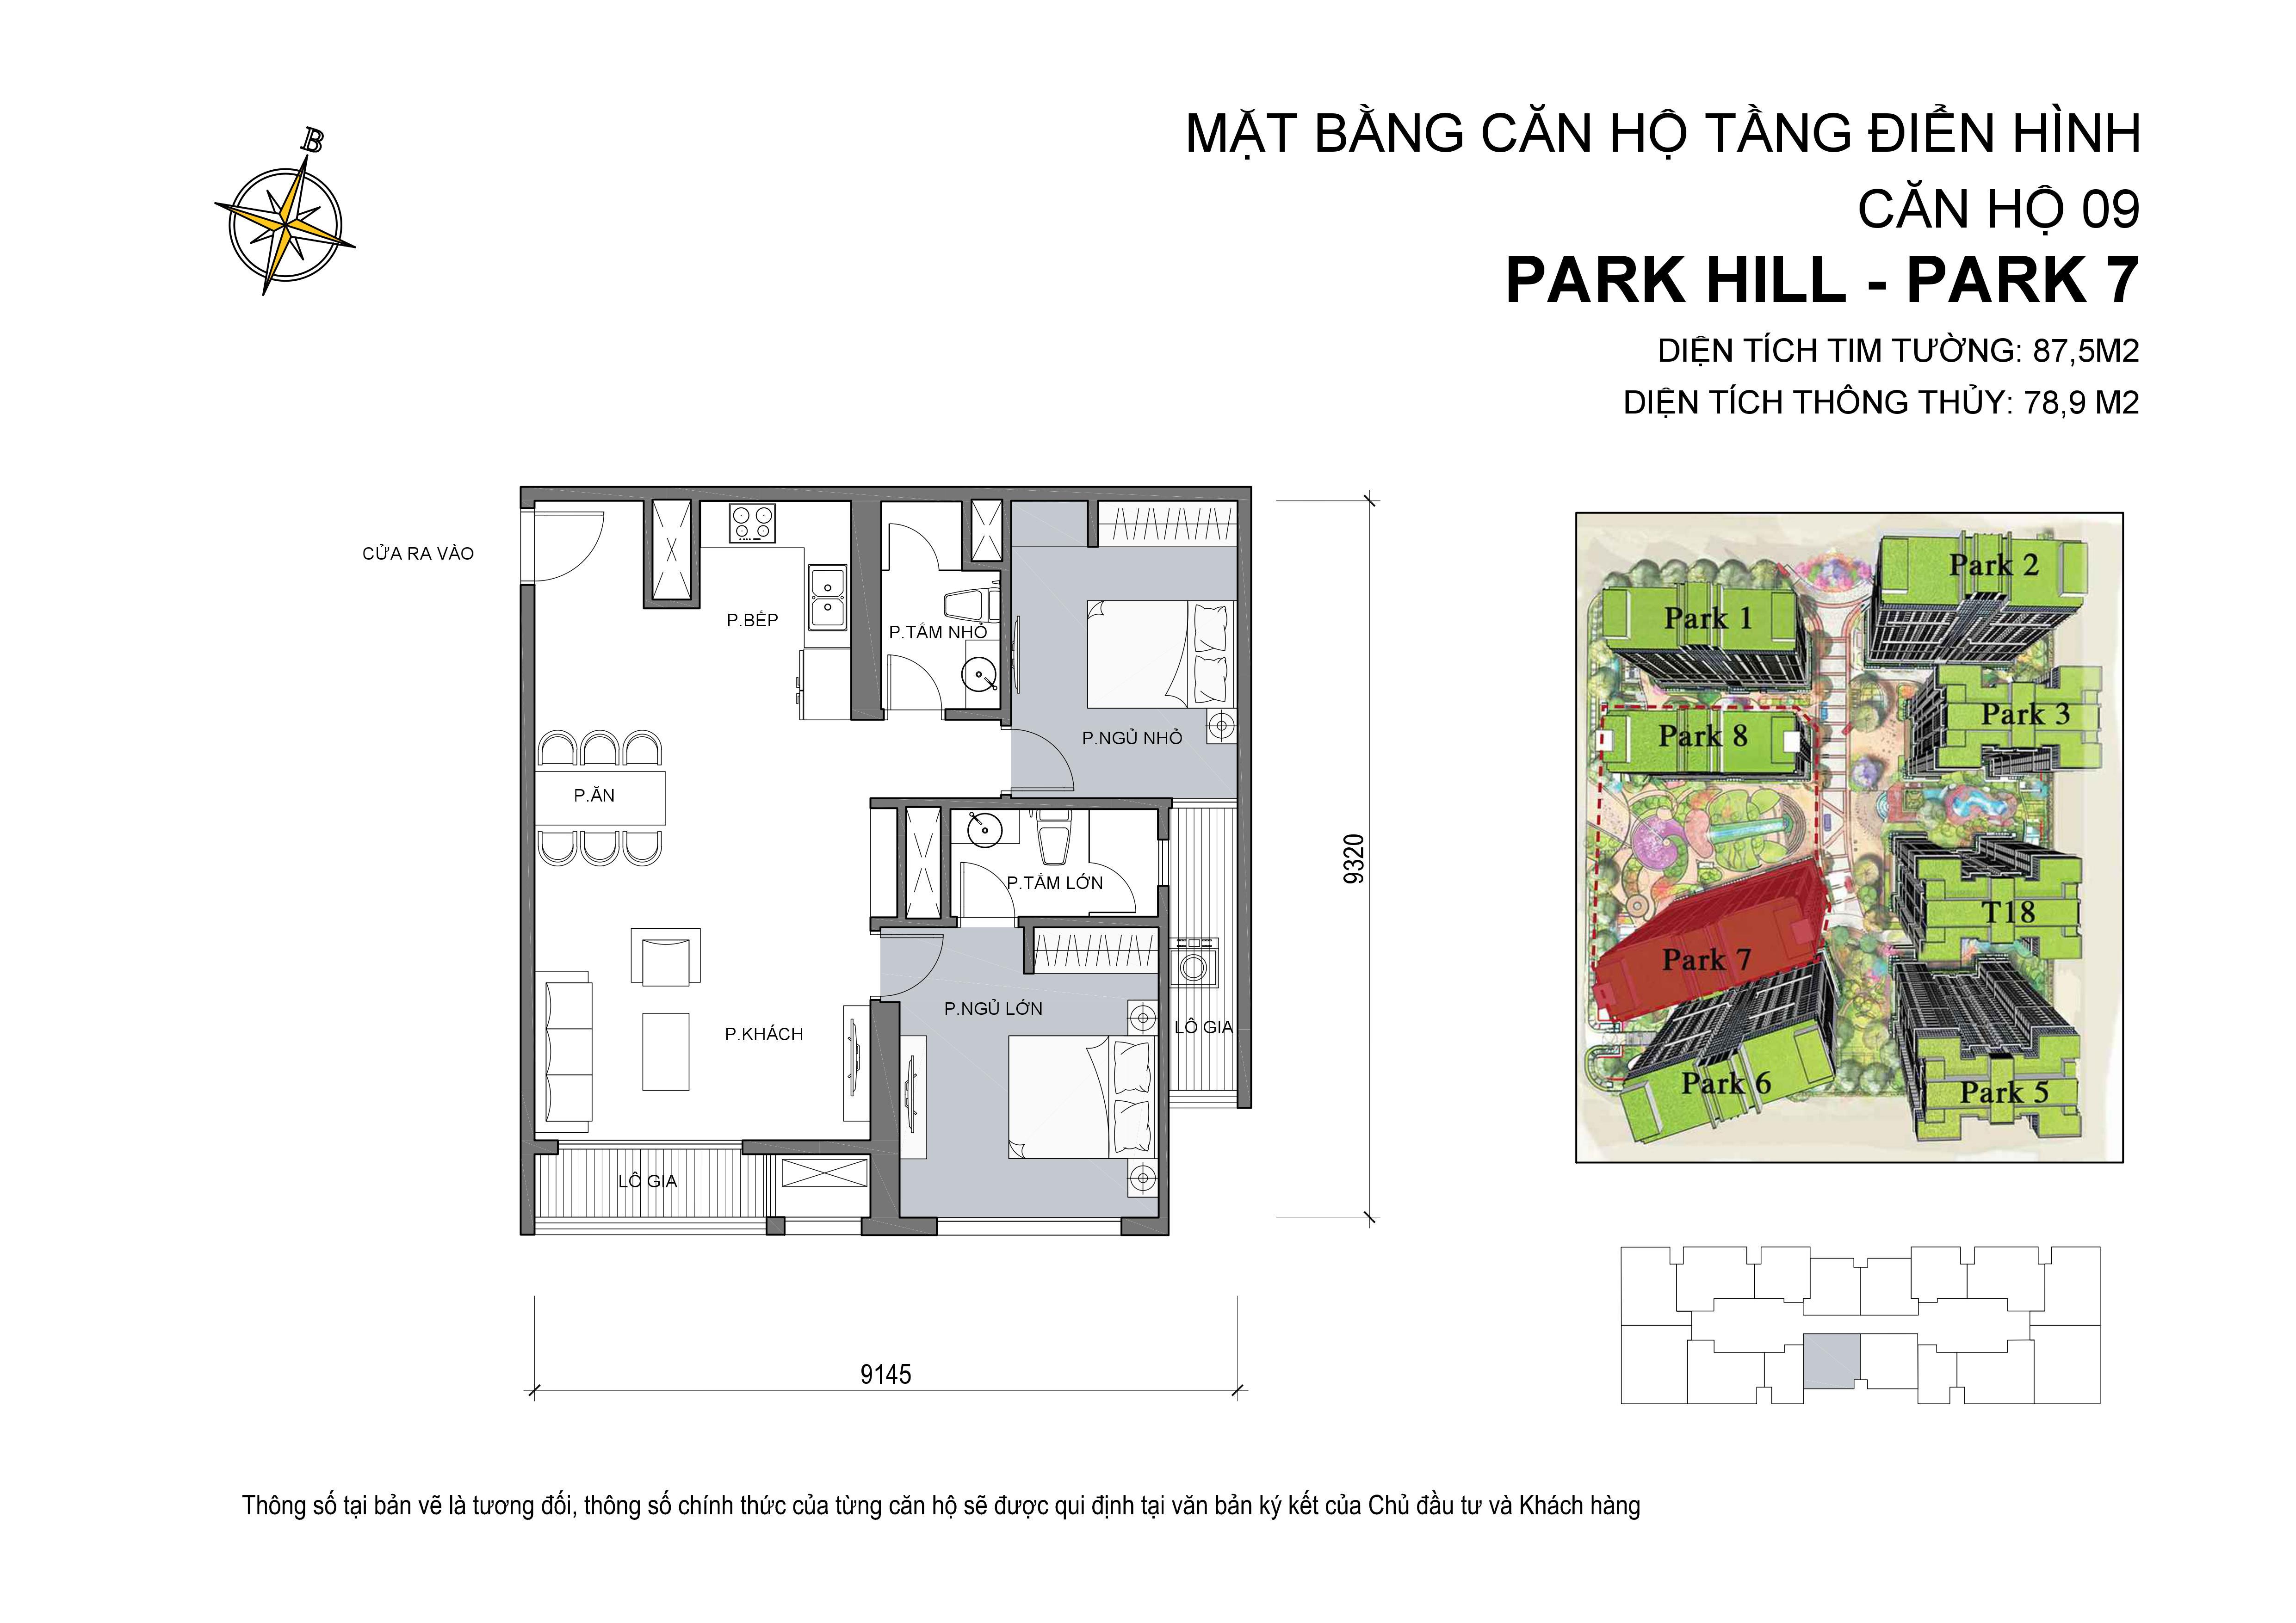 căn hộ Park hill 2PN số 09 diện tích 87 m2